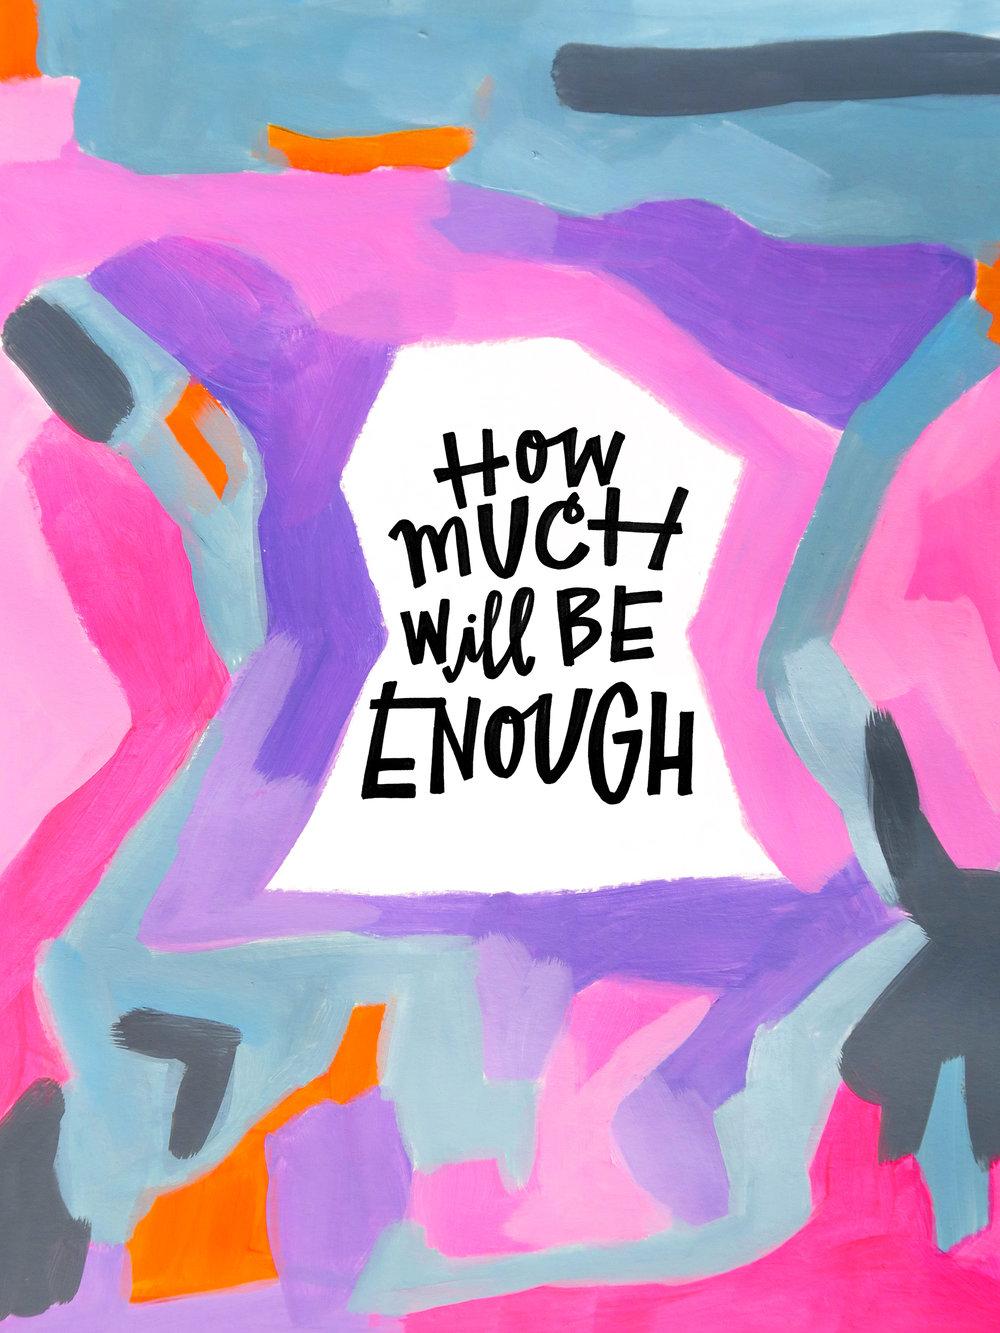 6/27/16: Enough 2